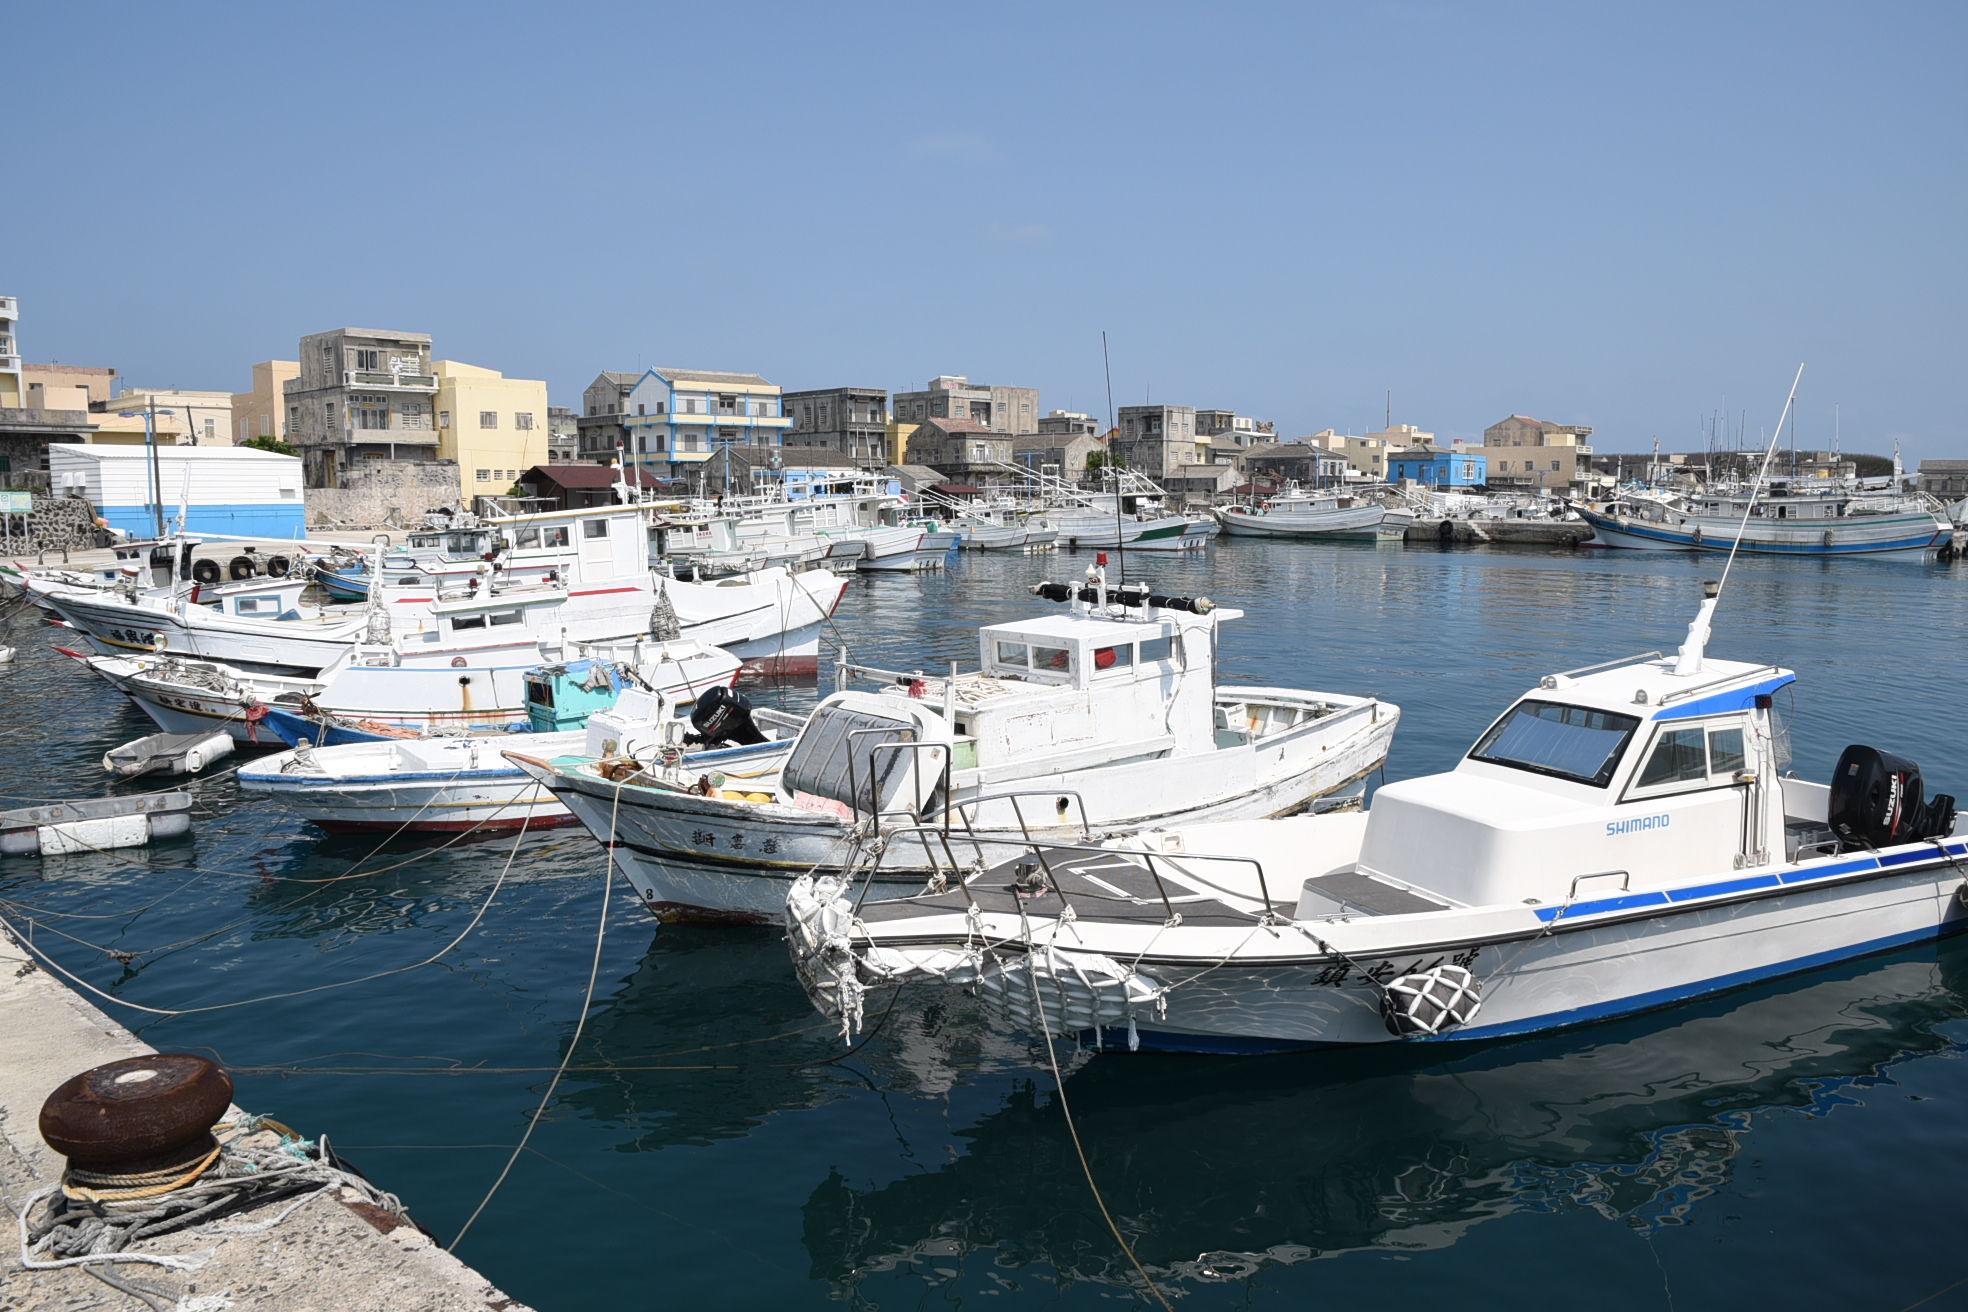 賴縣長指示以簡政、便民、低收費原則,輔導無籍船筏合法化